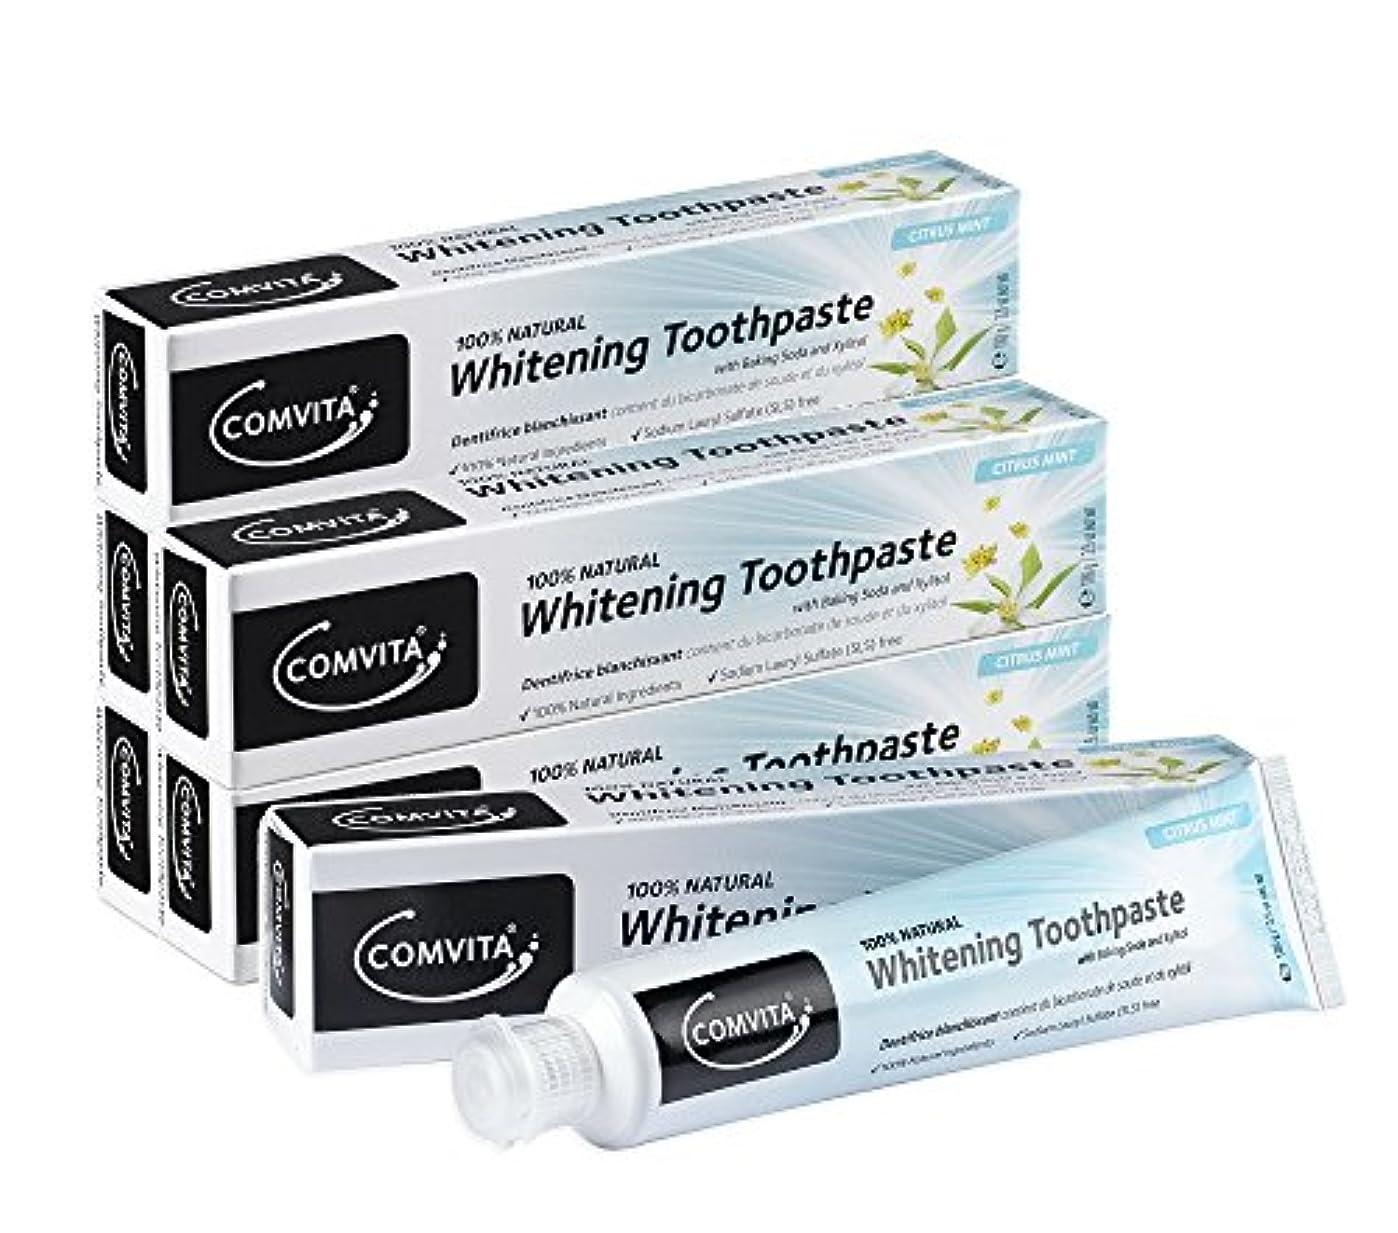 円周フクロウ大脳ホワイトニング歯磨き コンビタ 100g お得な6本セット whitening toothpaste